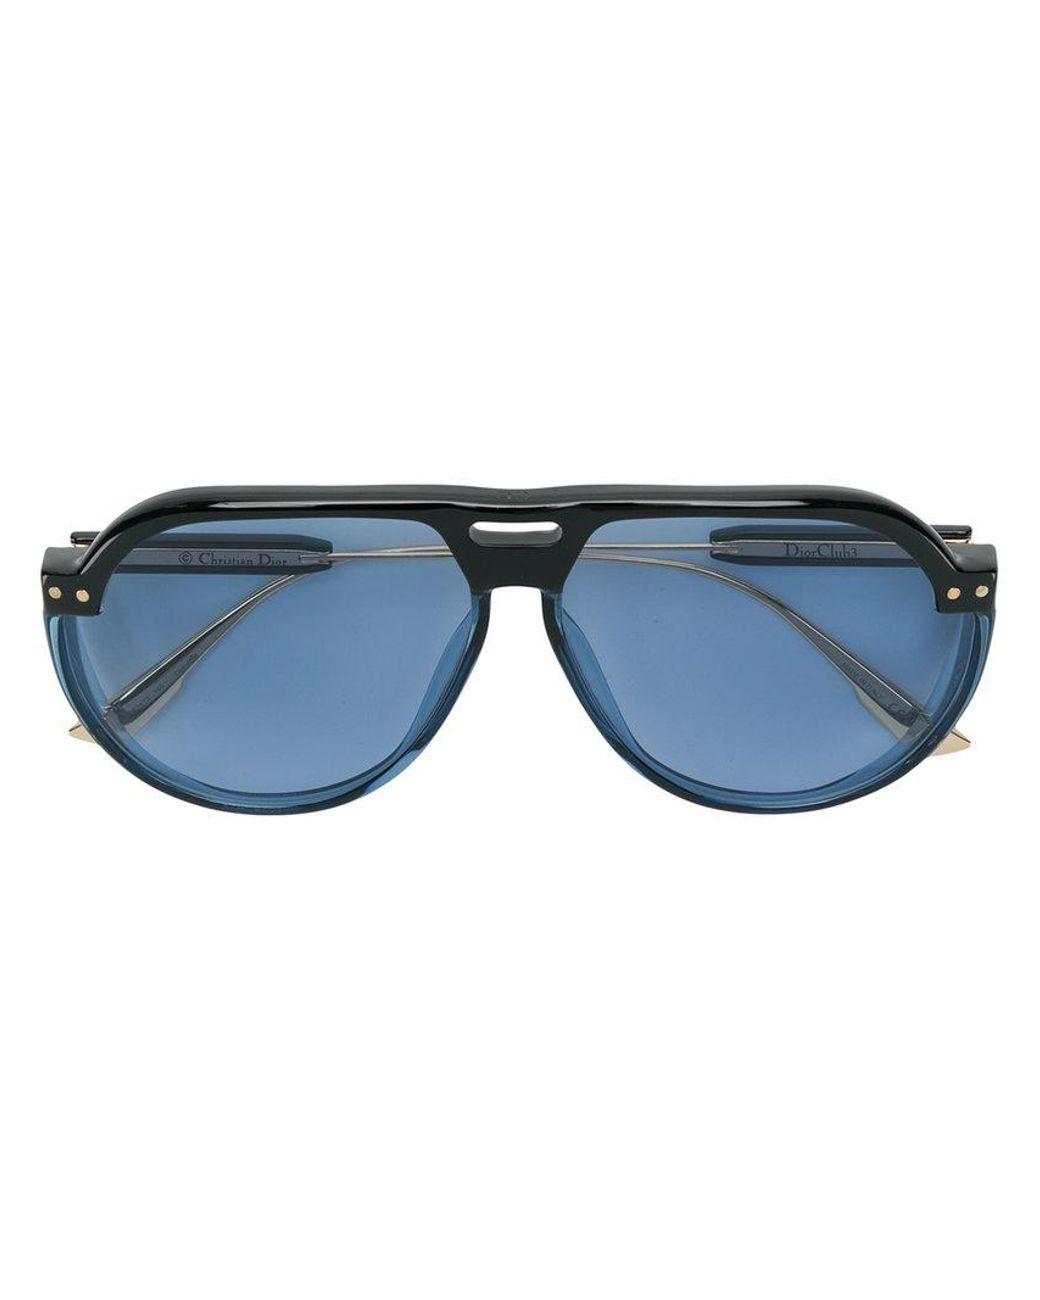 7411a2790886 Dior Dior Club 3 Sunglasses in Blue - Lyst